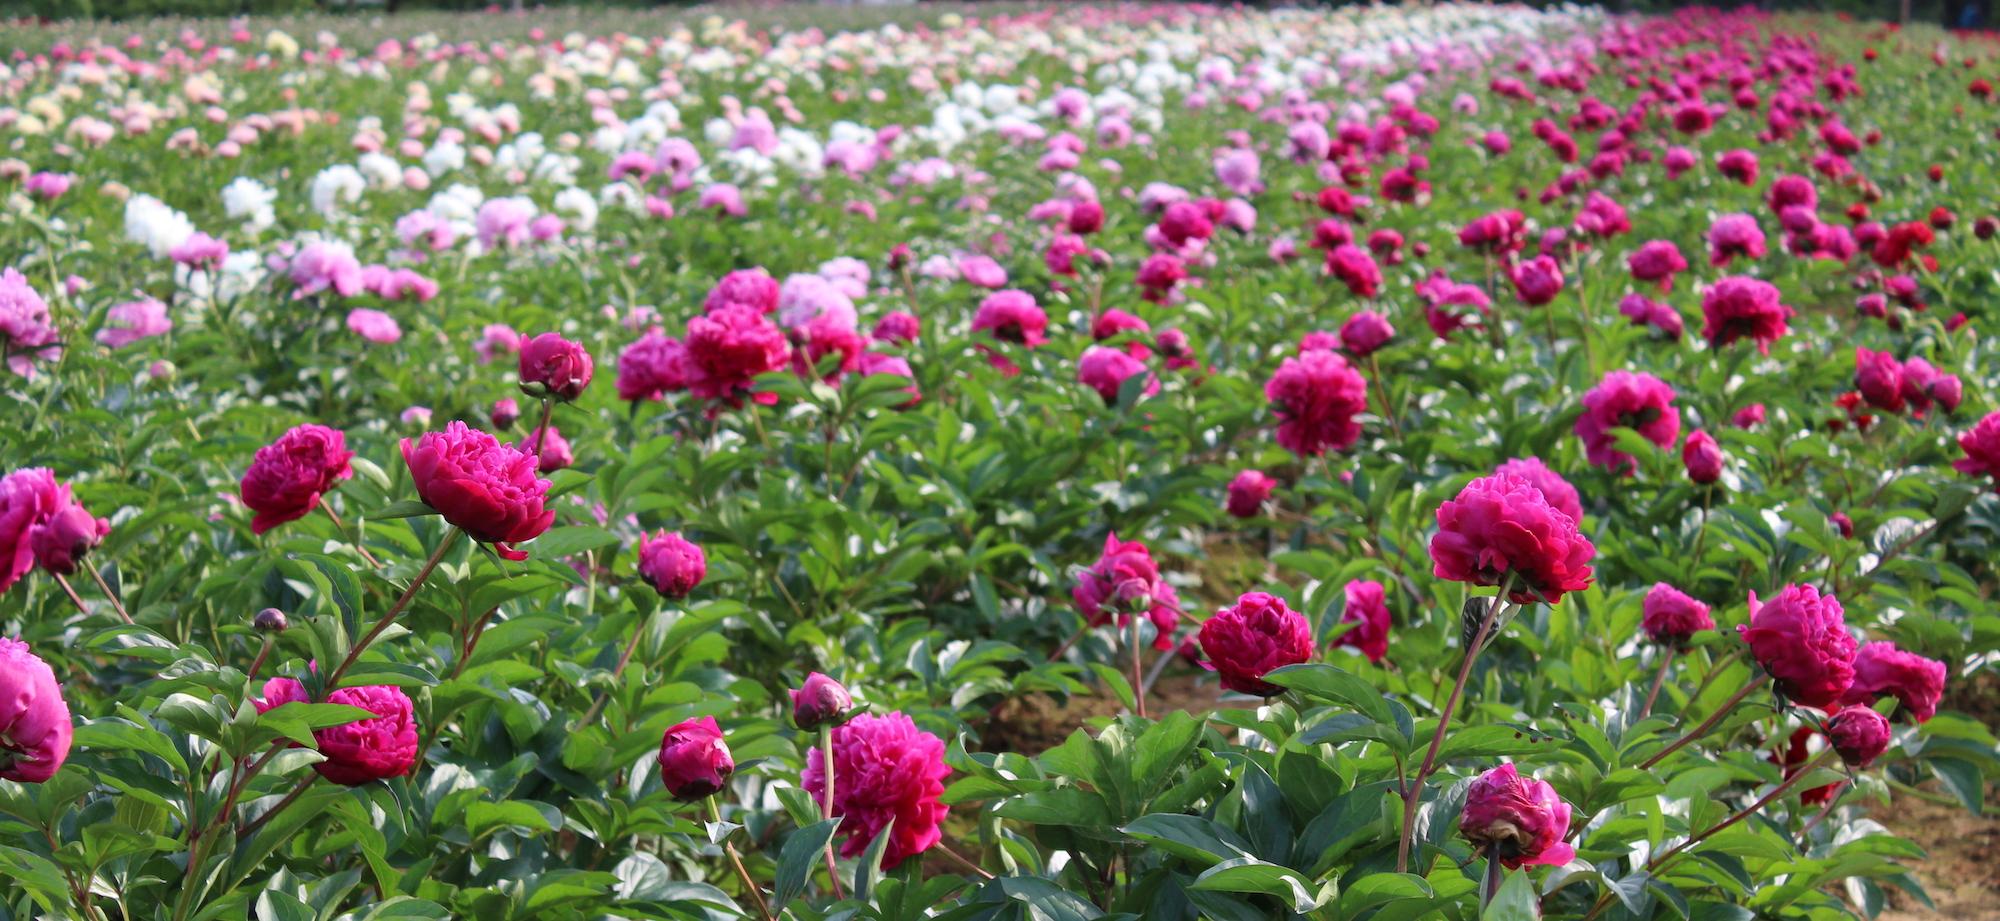 Peonie in fiore